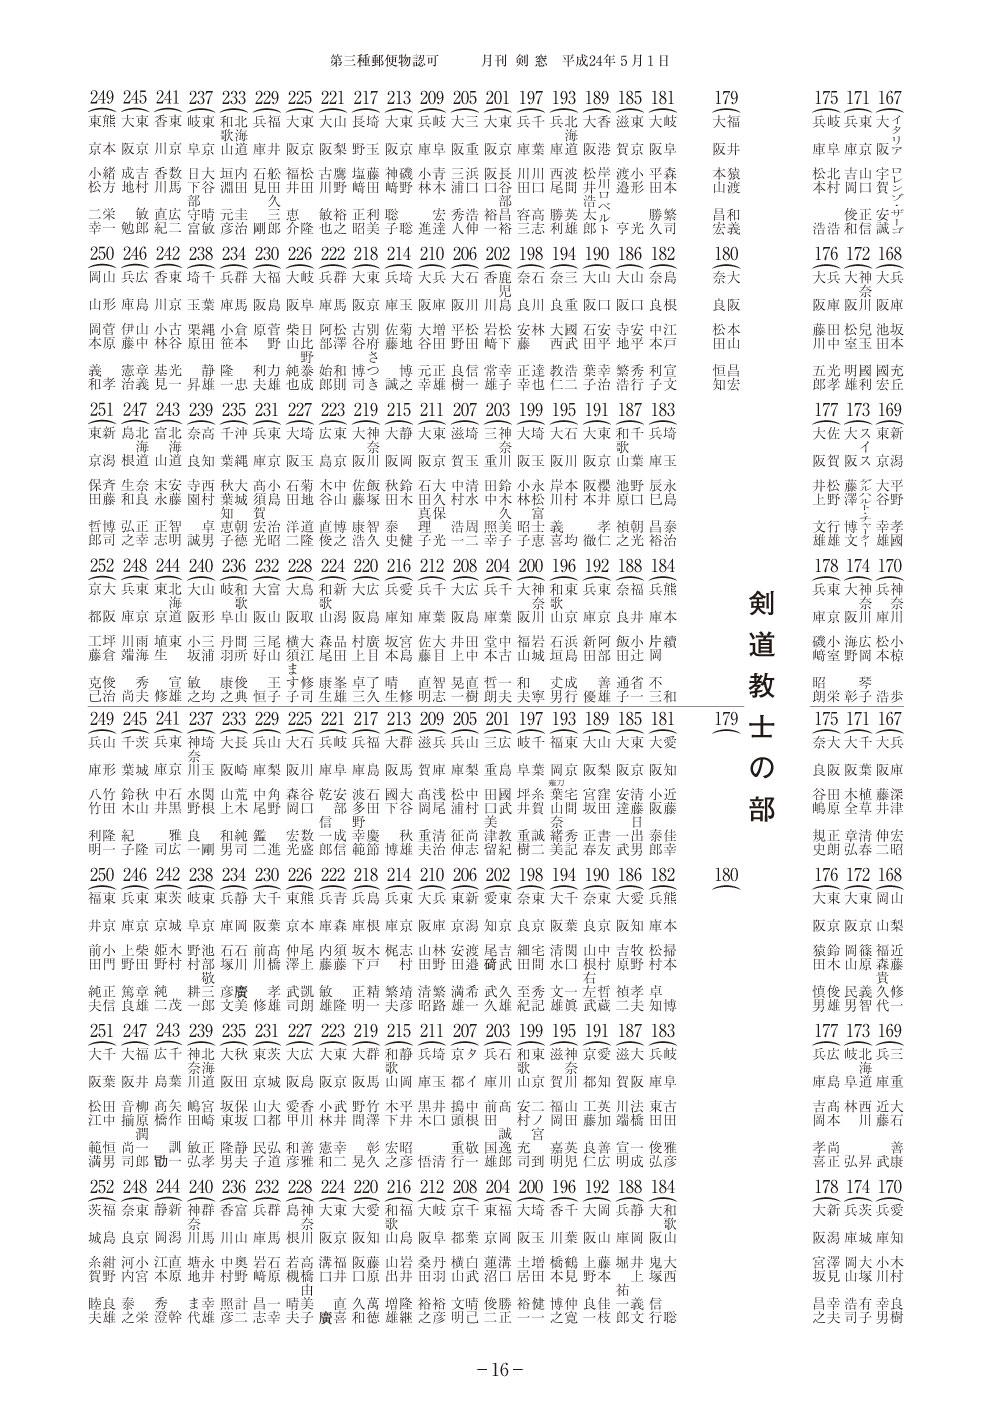 第108回全日本剣道演武大会(剣道)組合せ_003